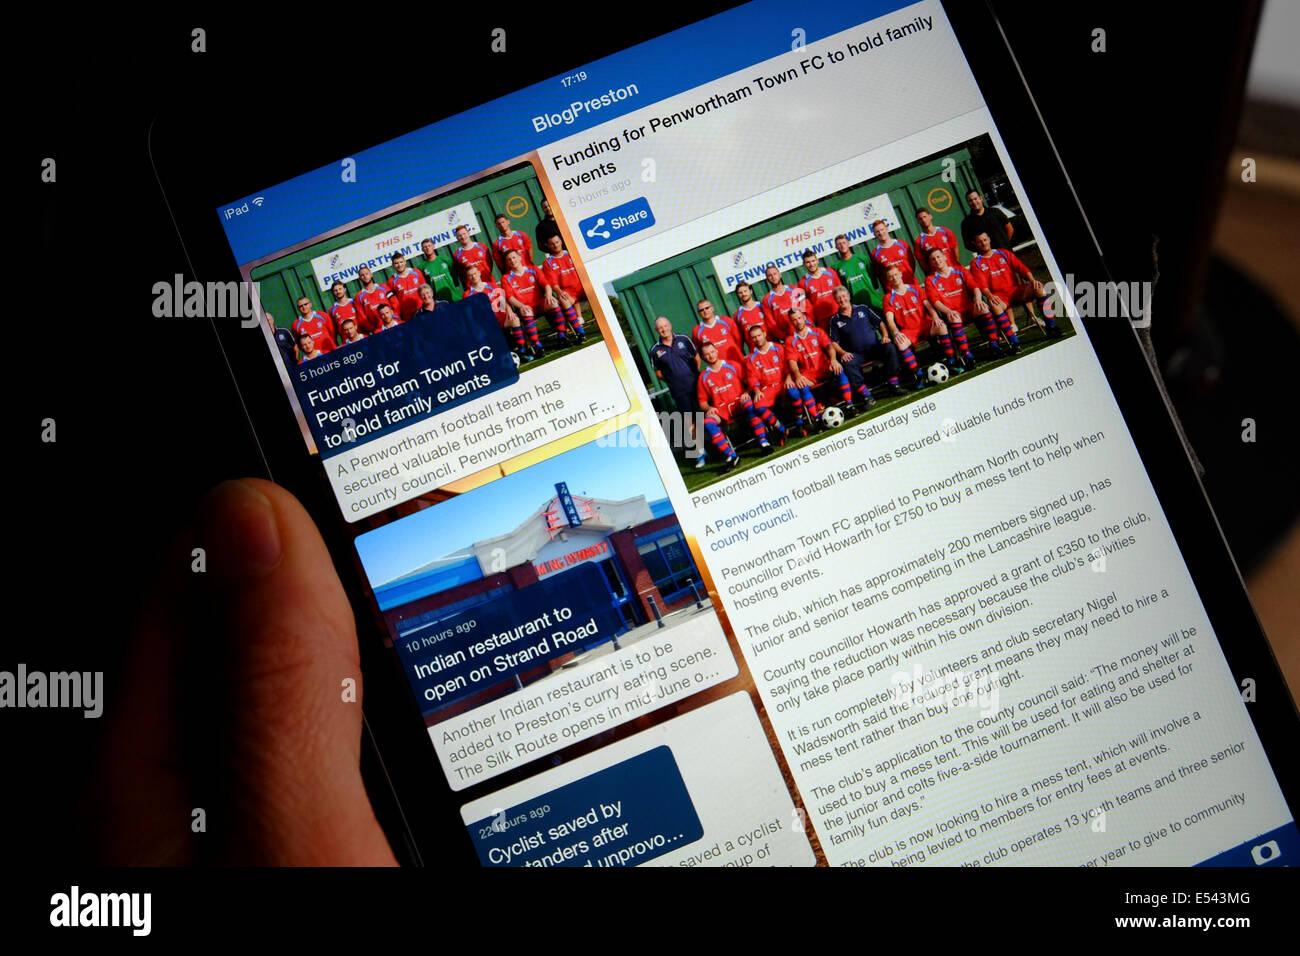 Communauté locale de l'information disponible sur l'Internet vu sur un IPad Mini avec écran Retina Photo Stock